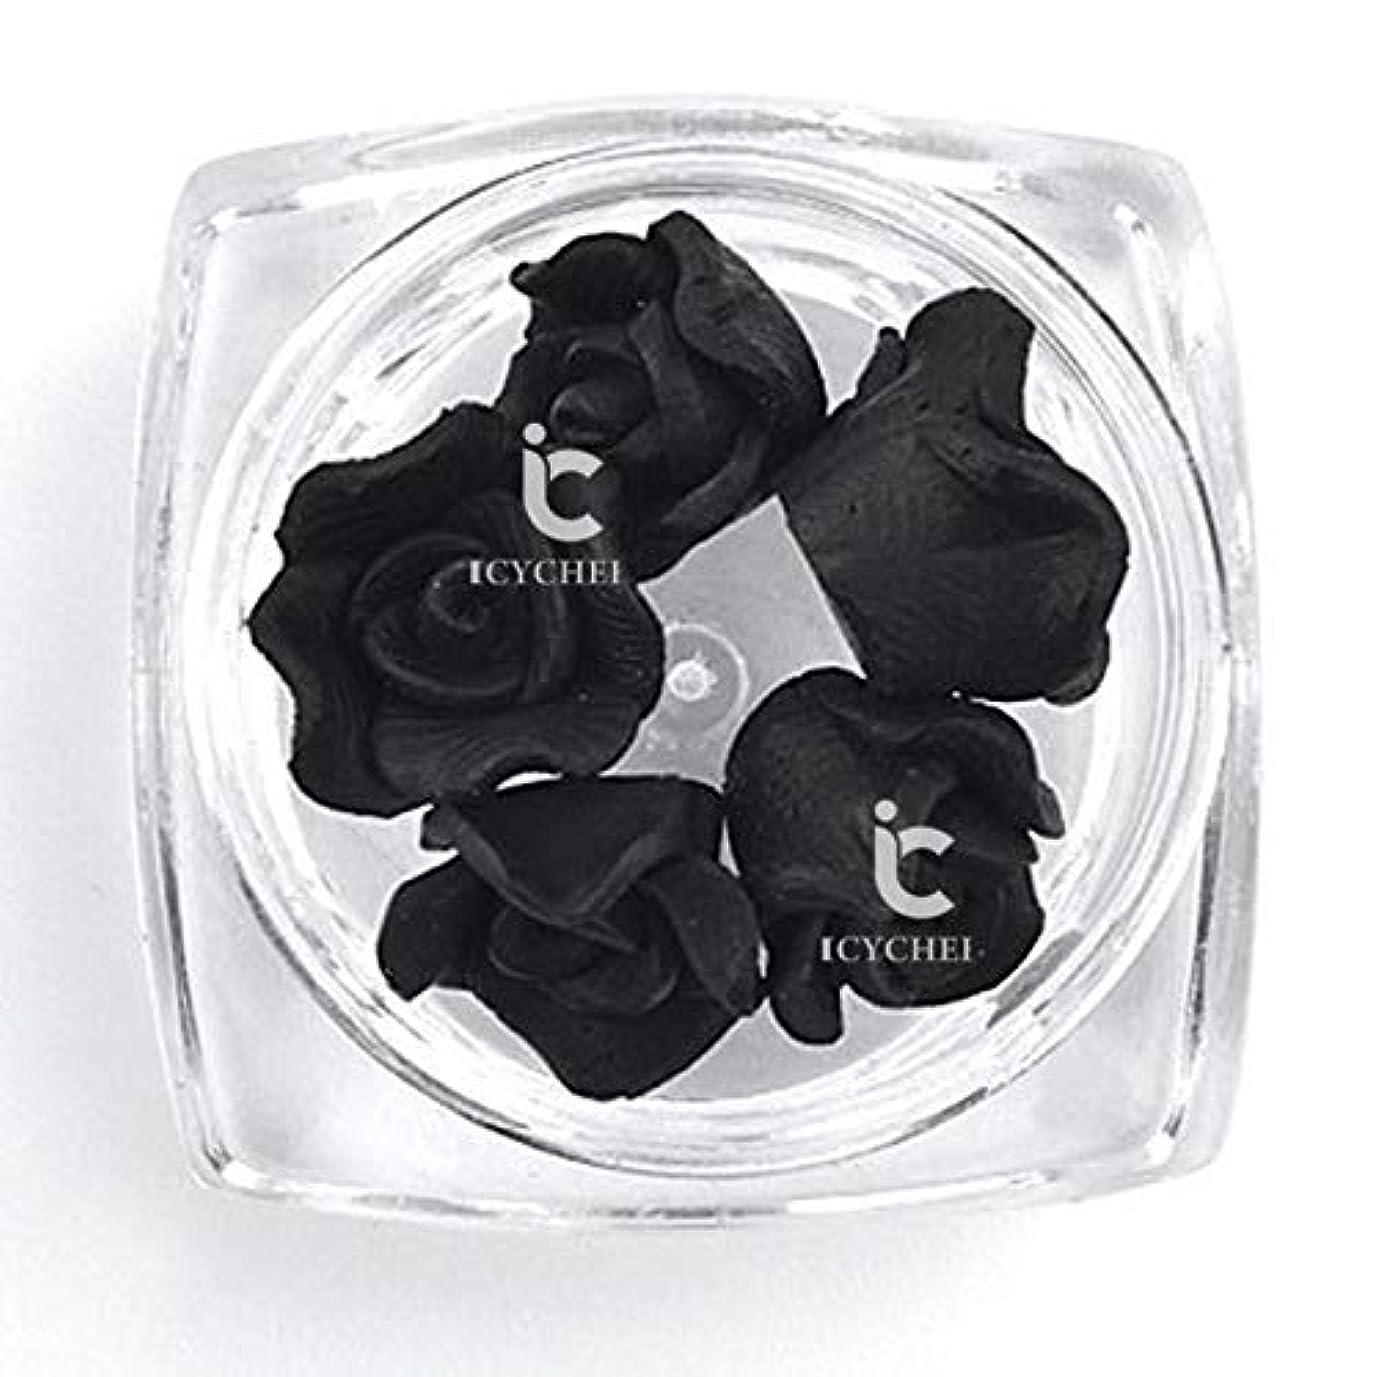 残り物アナリスト子犬ICYCHEER 3D ネイルアートアクリルローズフラワー Diy の装飾スライス Uv ジェルネイルアートのヒント Diy のネイルアート accessoires (Black)